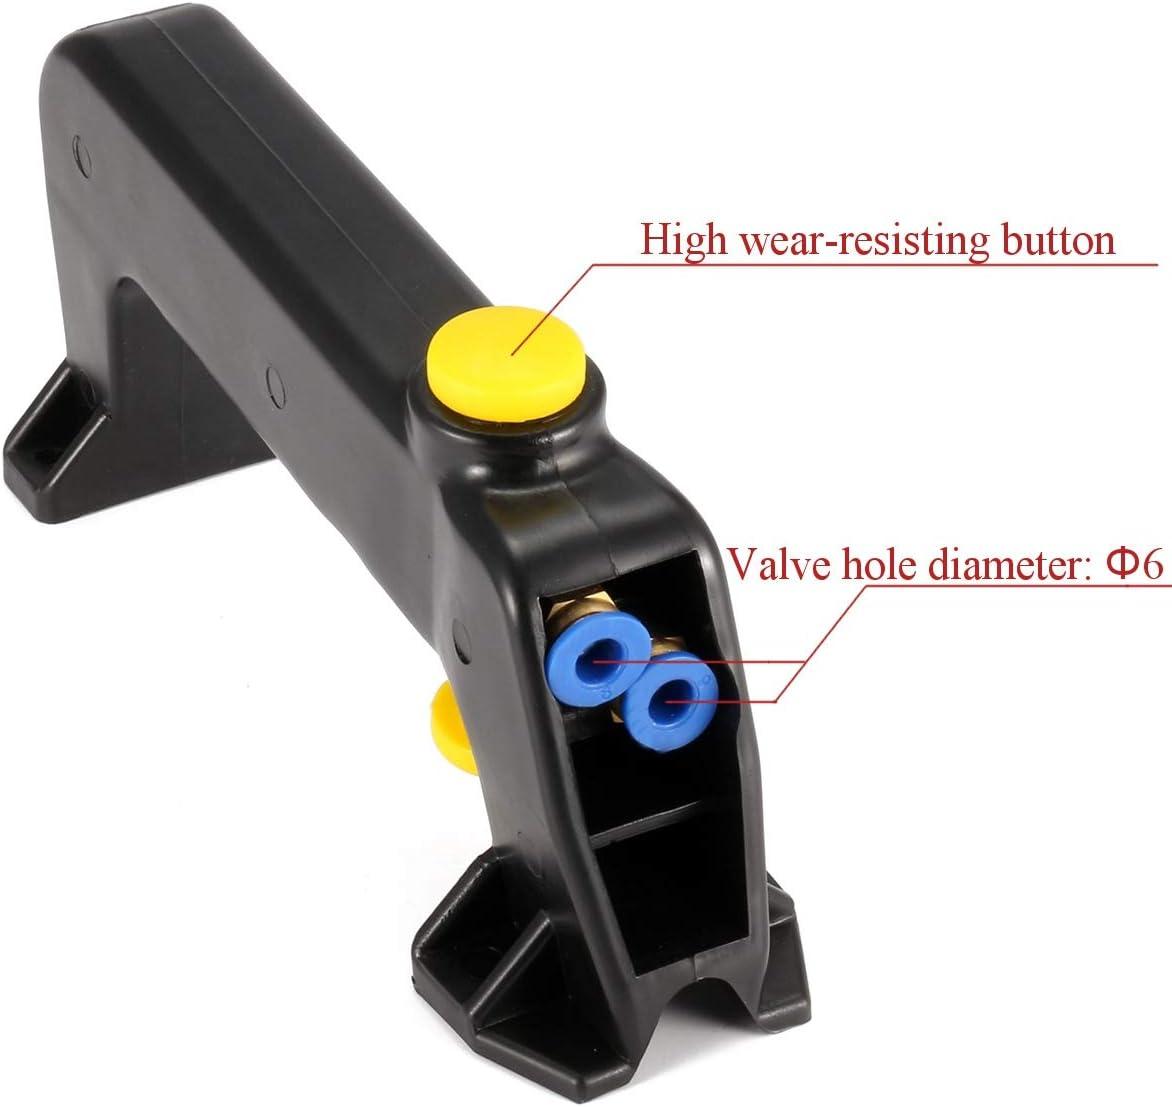 Naliovker Desmontaje de Neum/áTicos Cambiador de Neum/áTicos Accesorios de la M/áQuina Manejar de Eje Vertical V/áLvula de Dos Orificios Interruptor V/áLvula Manija